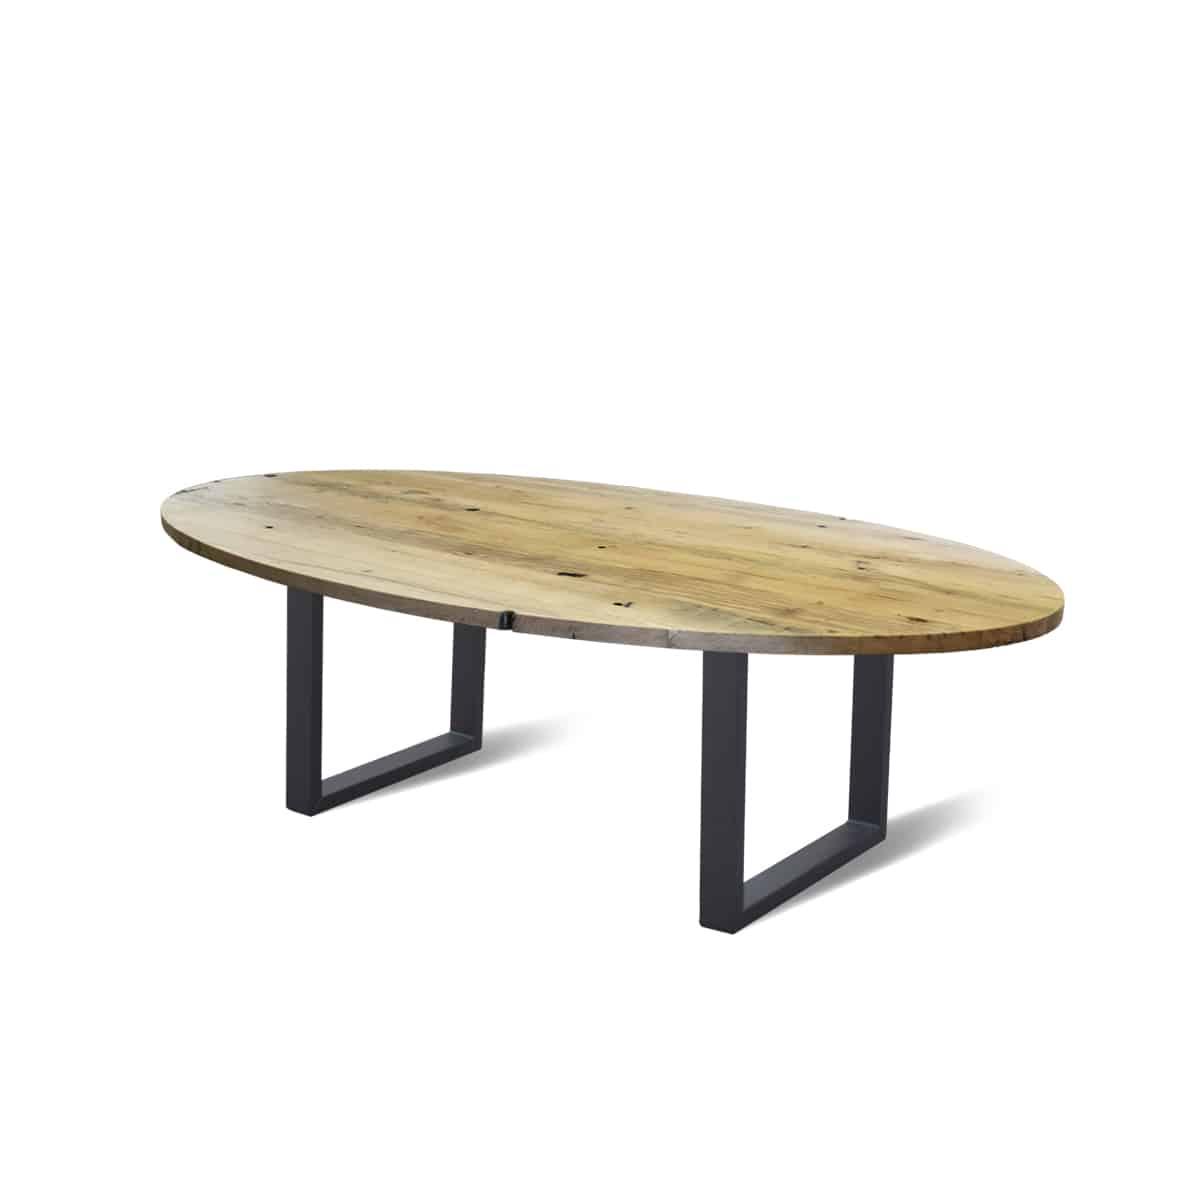 Ovale industriele eetkamer keuken tafel eiken wagonhout geleefd rustiek staal